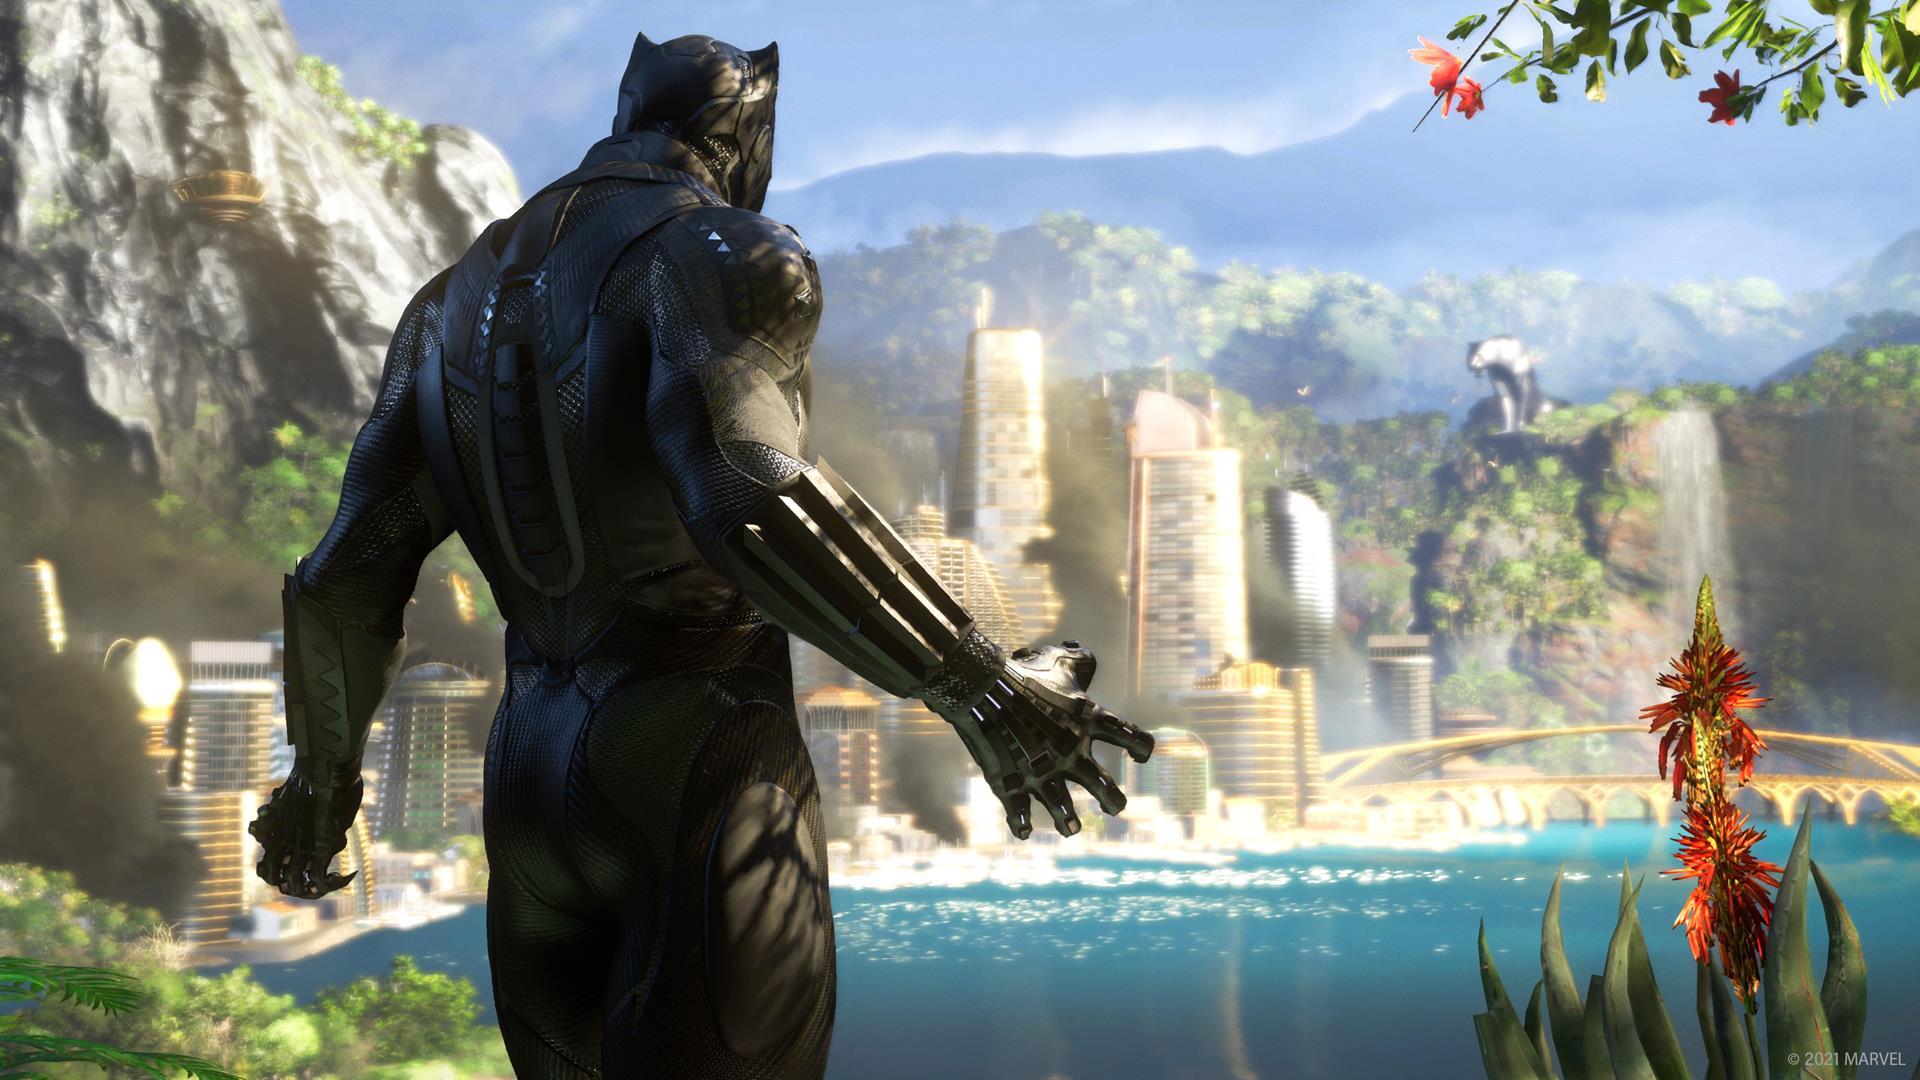 Black Panther Art 2